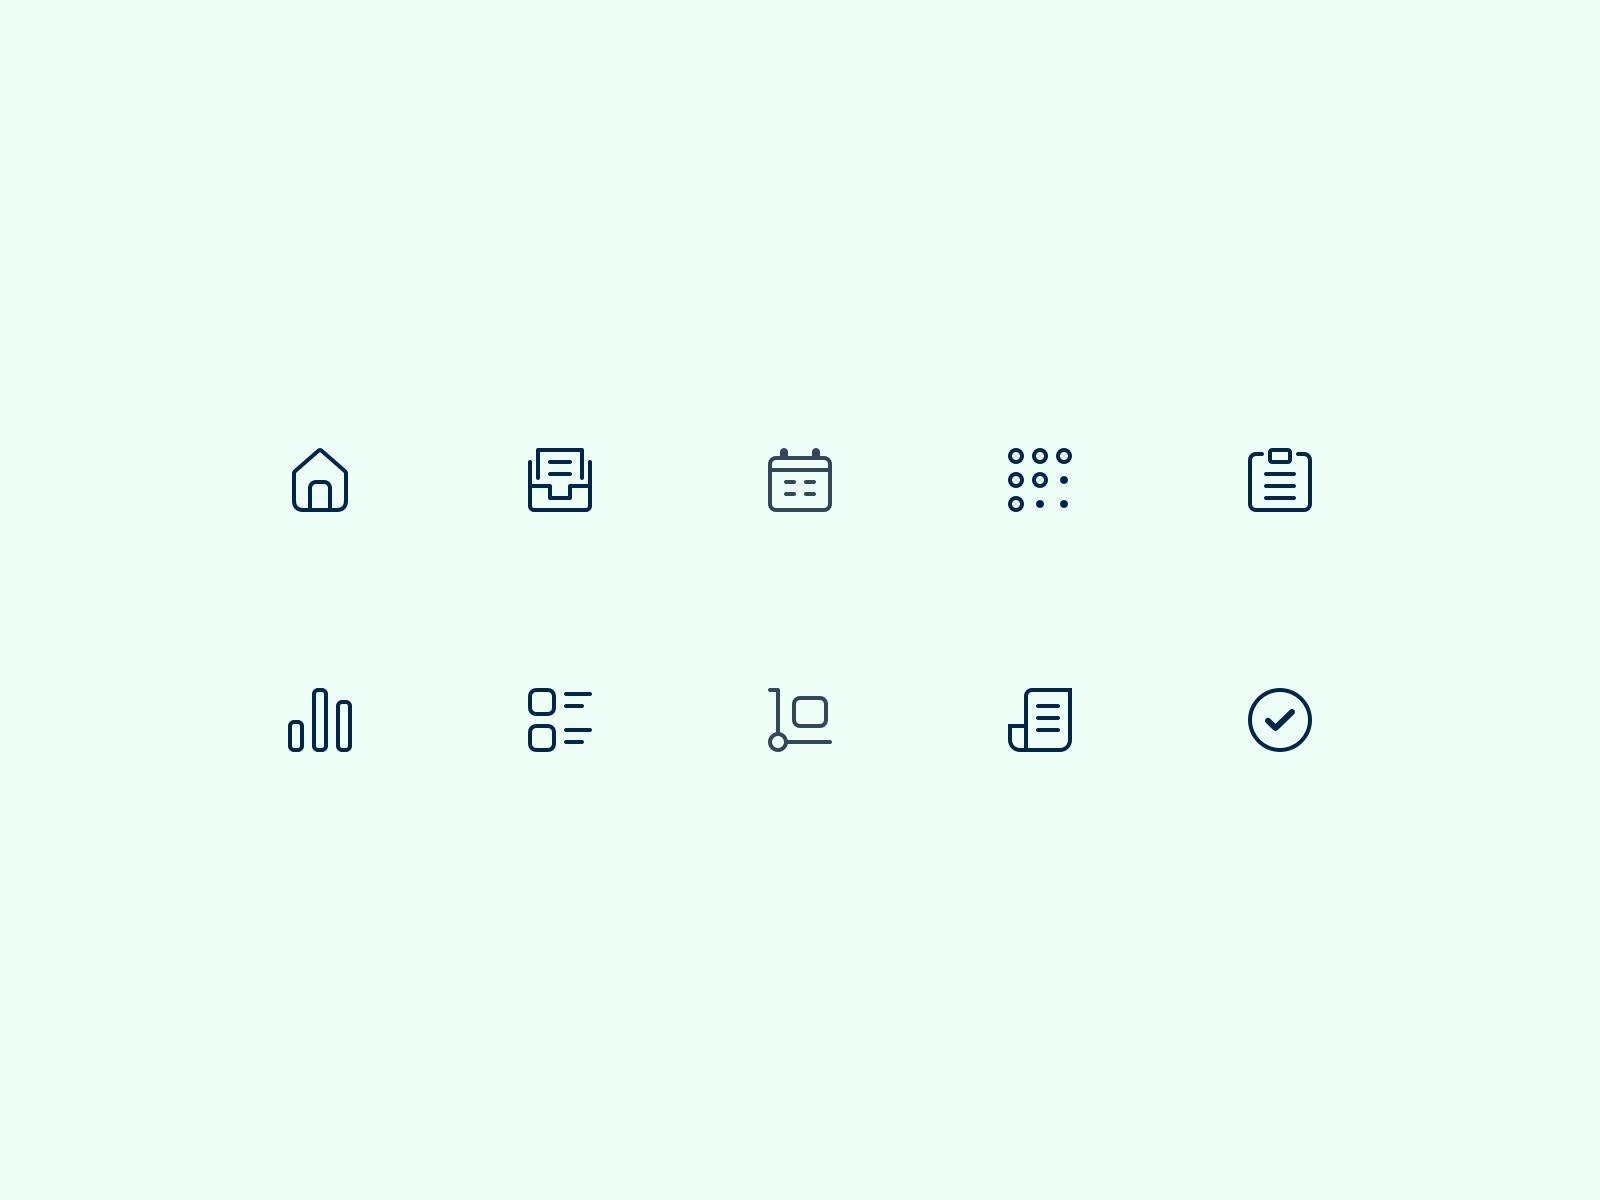 Icon sheet copy 2